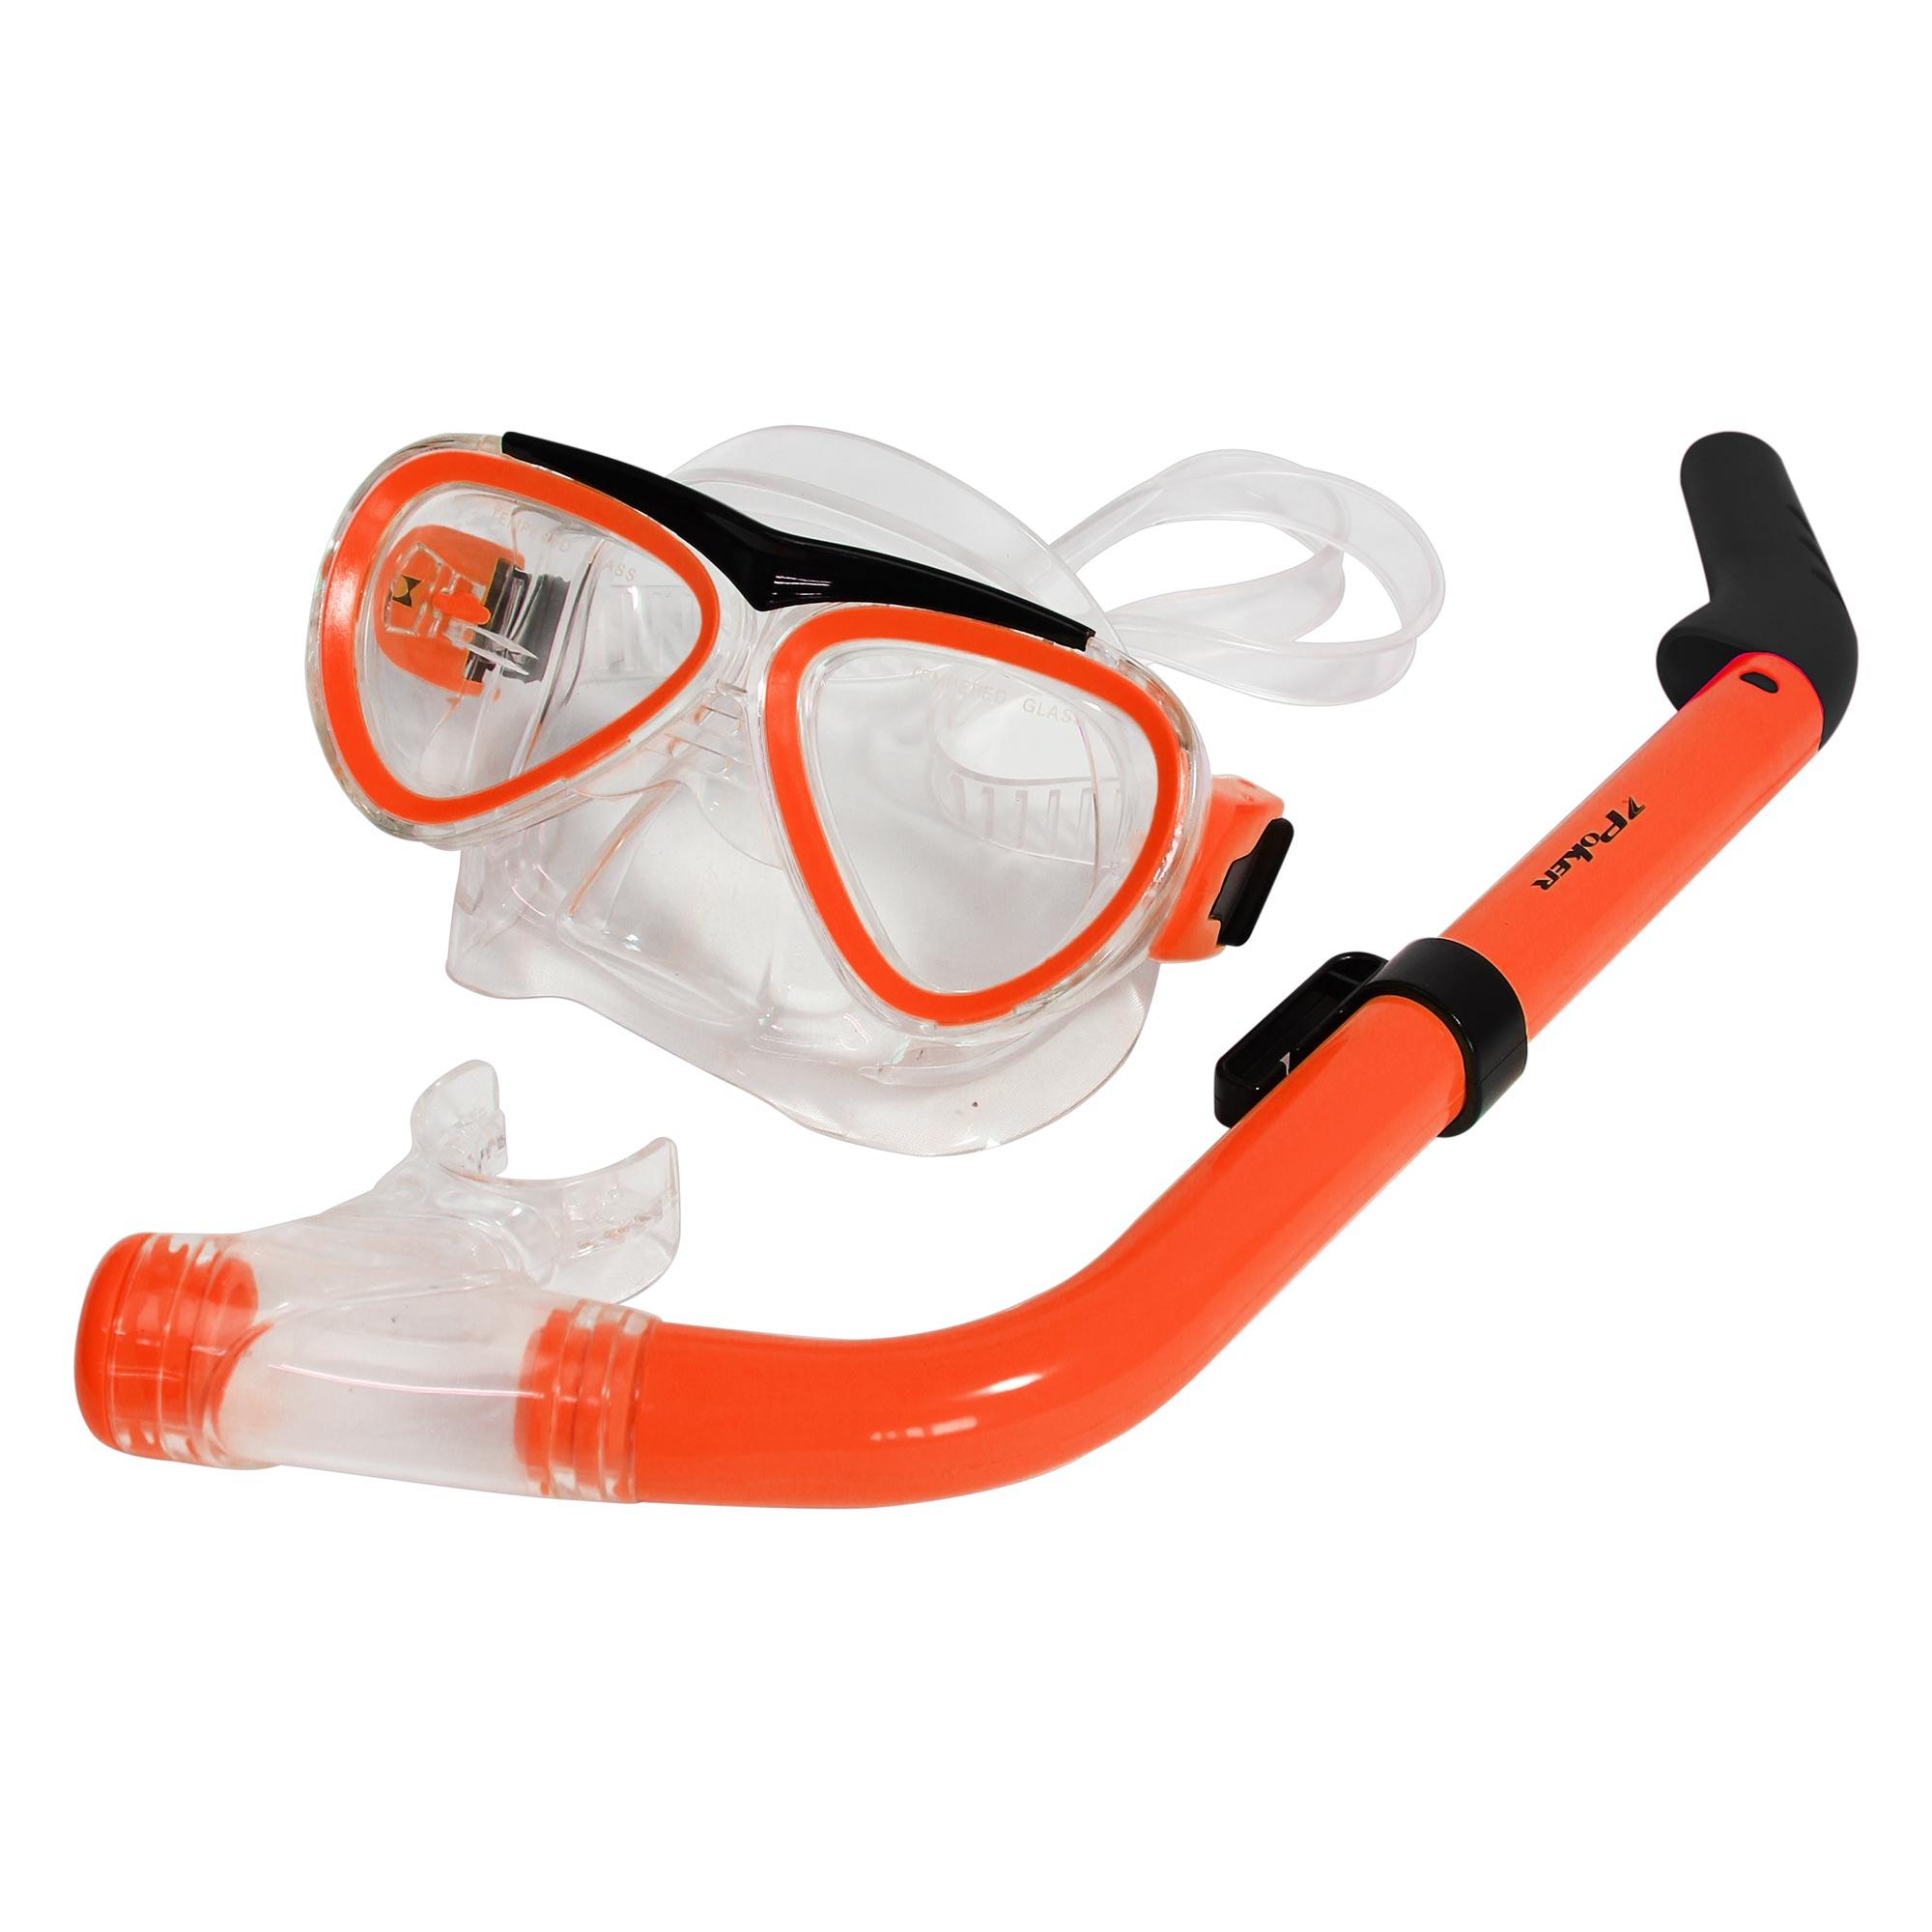 Kit de Mergulho Tinos com Mascara e Snorkel - Junior 13066